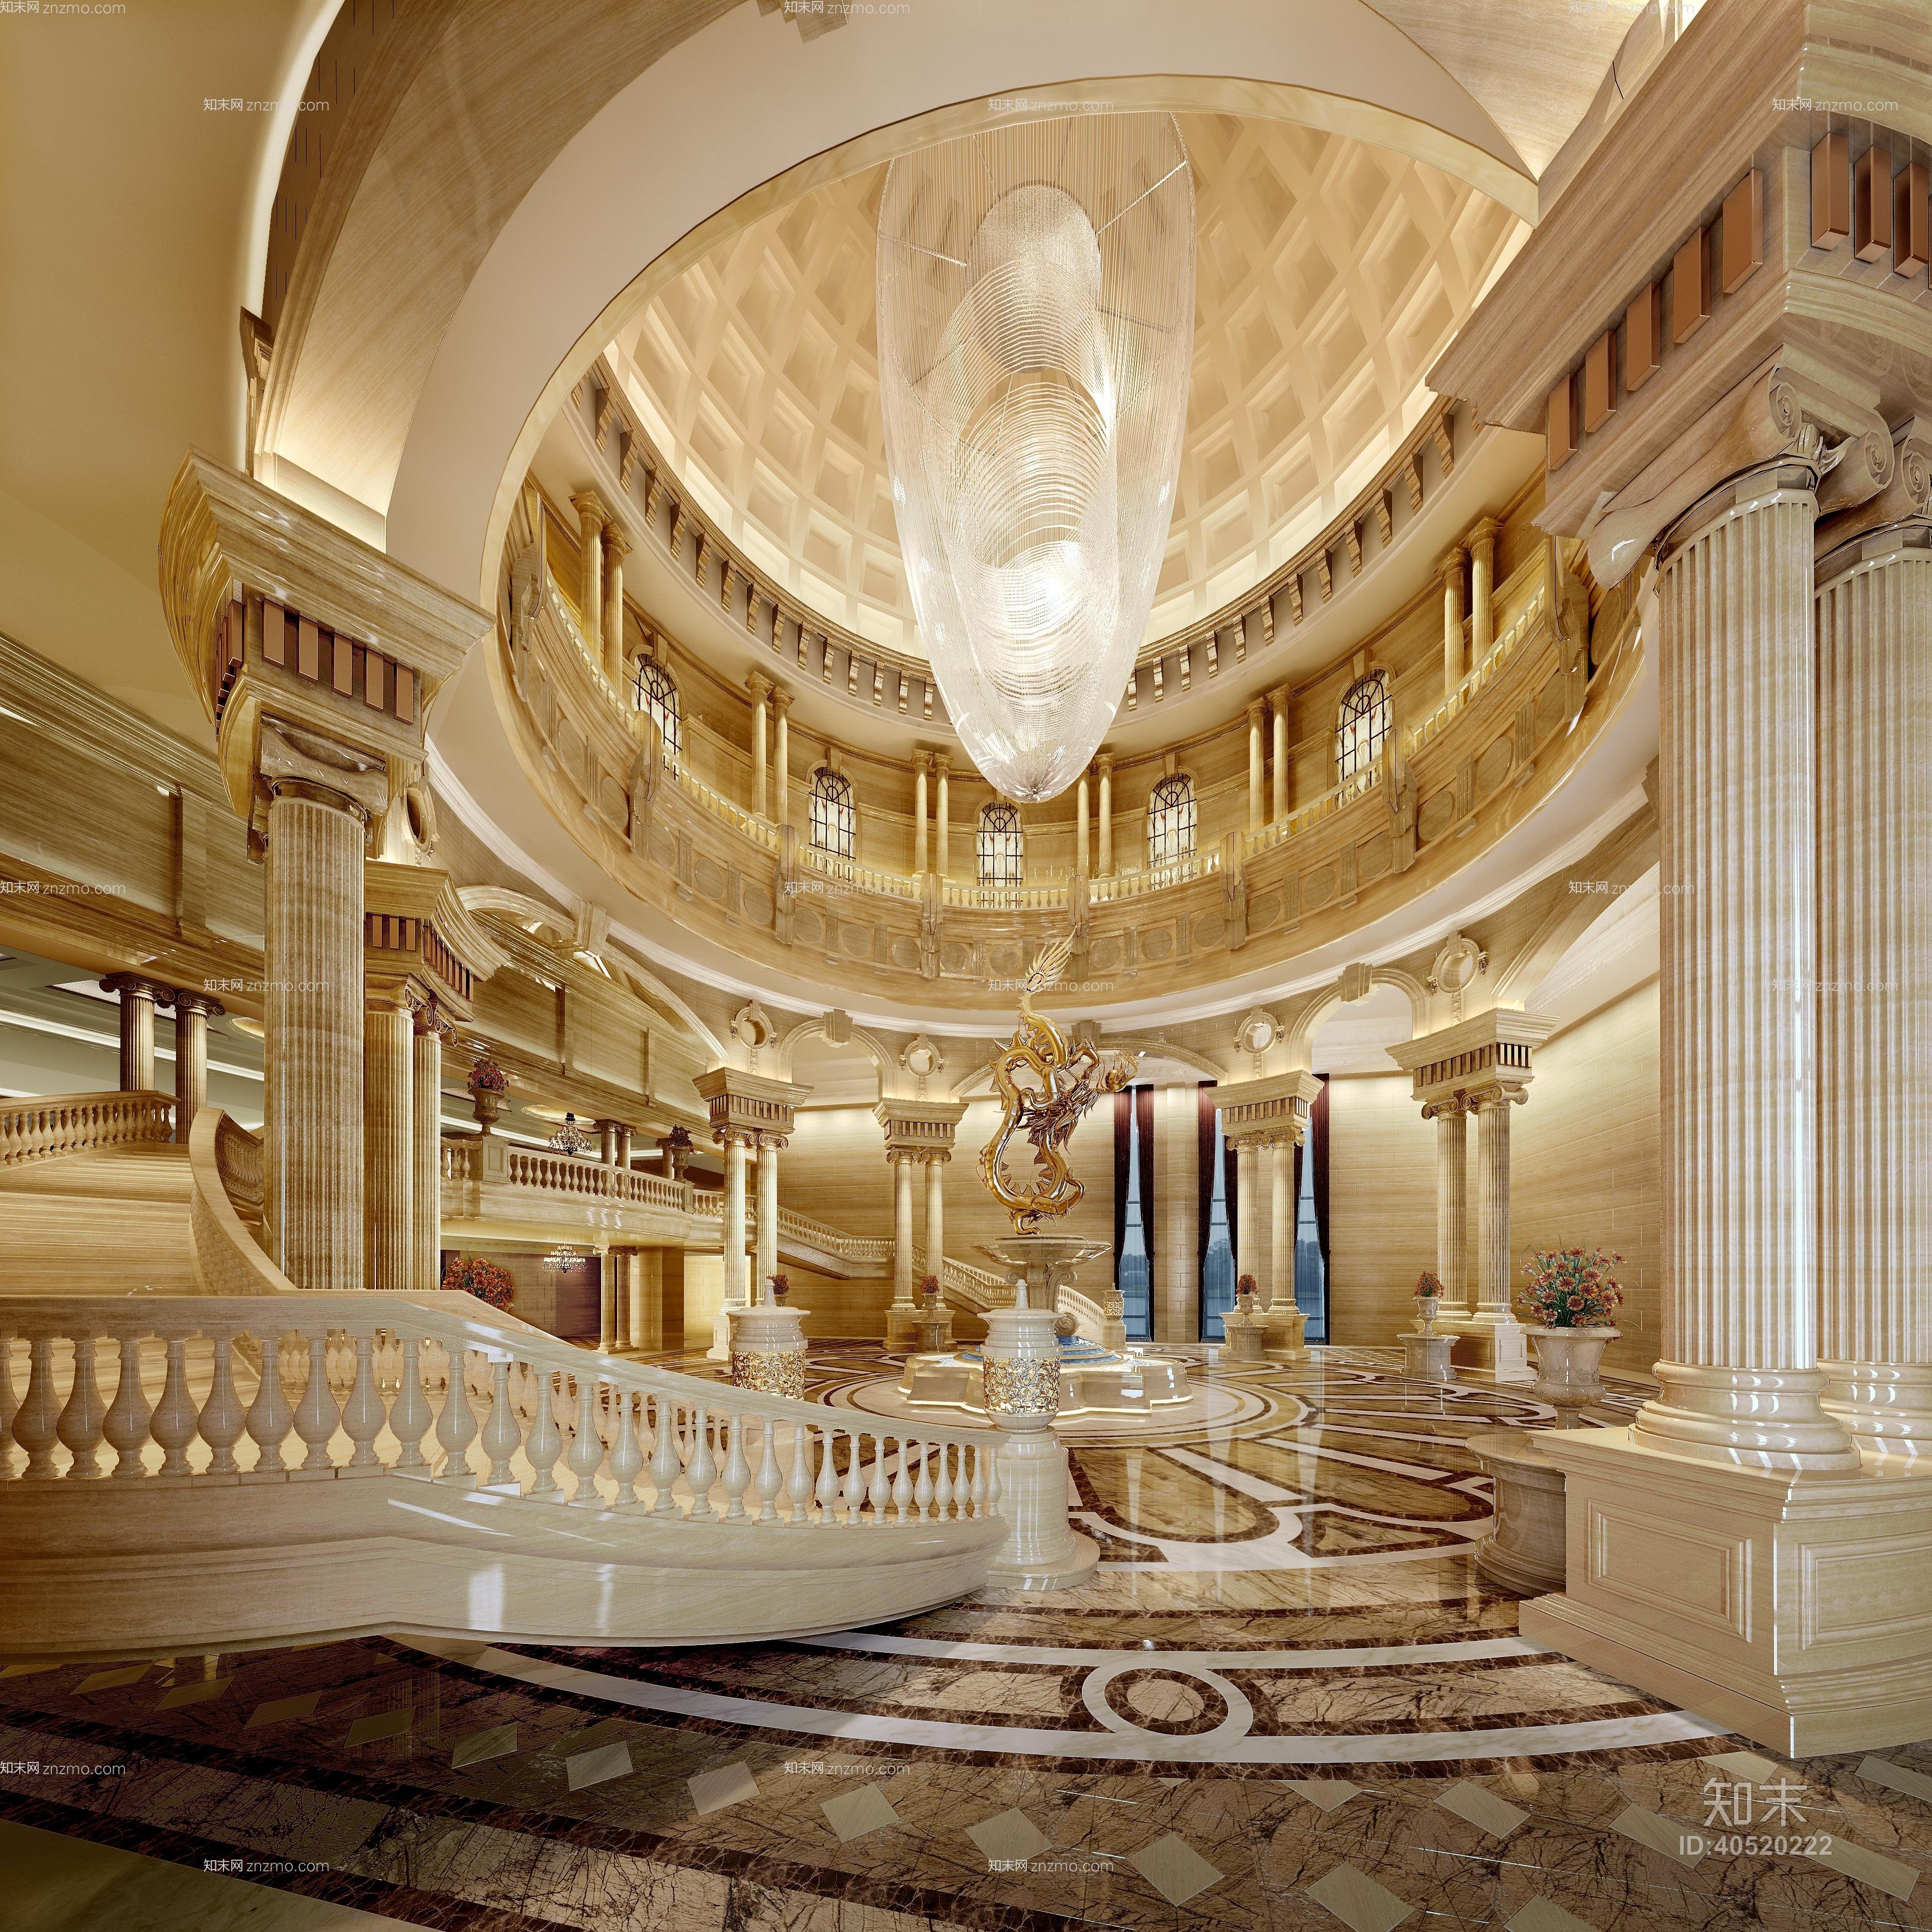 欧式古典酒店大堂 欧式古典水晶吊灯 欧式古典大理石栏杆